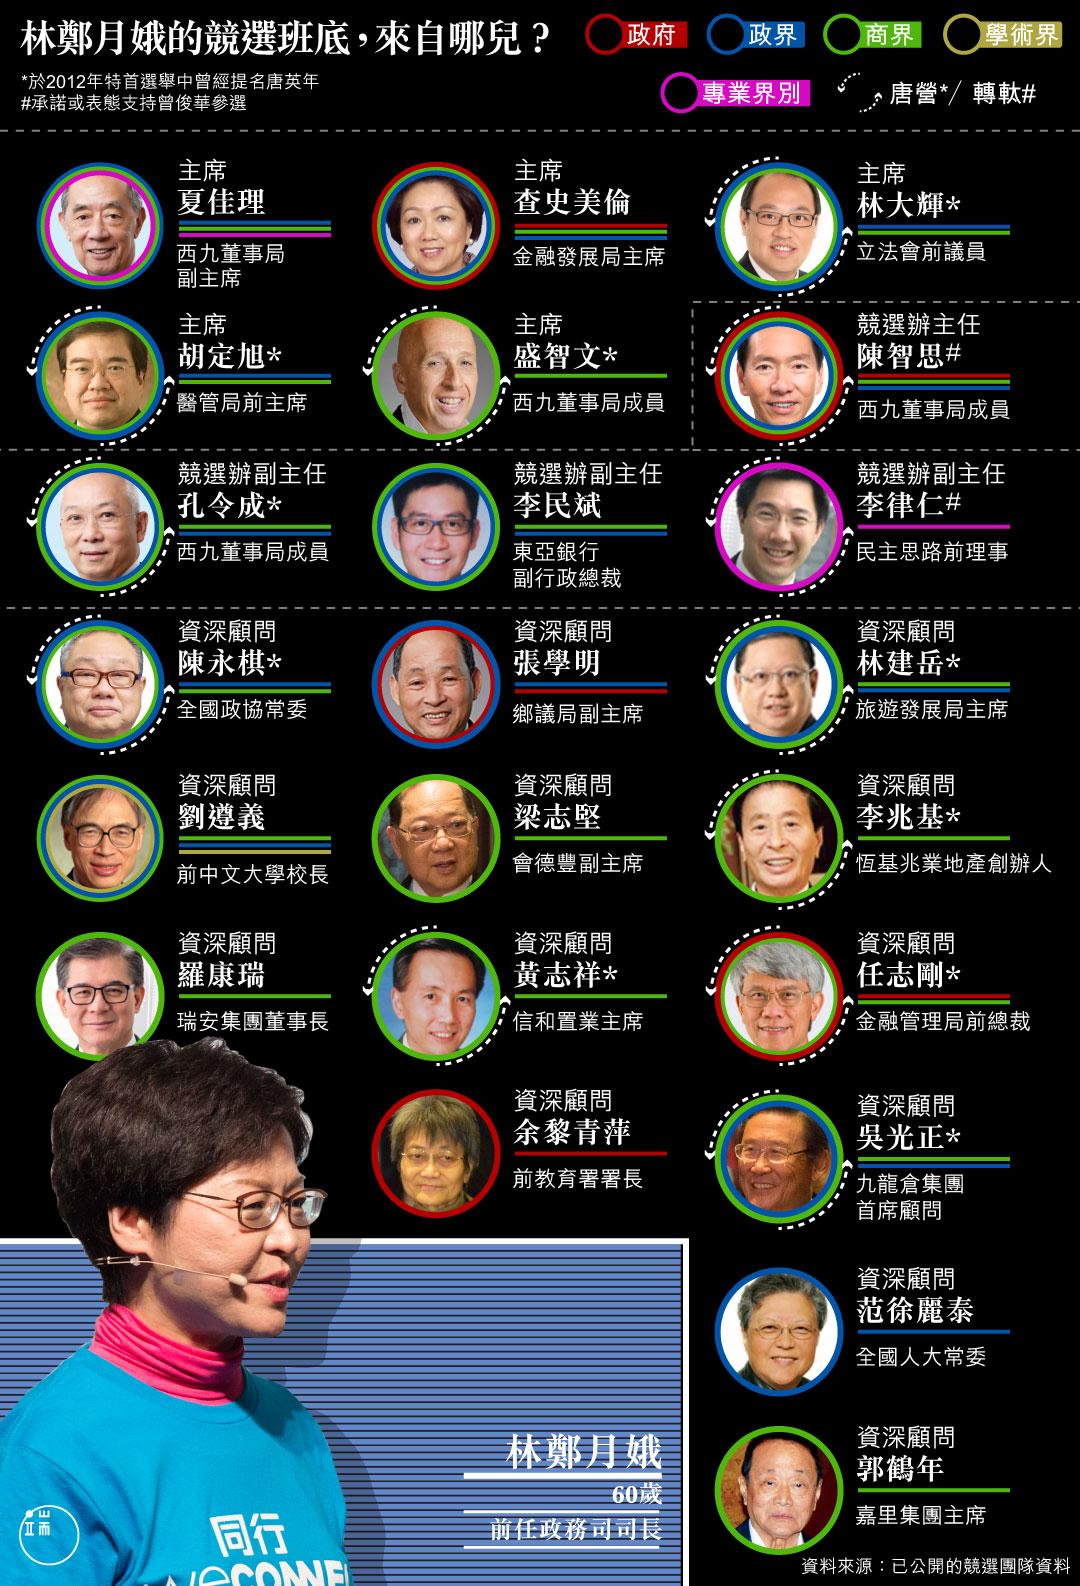 林鄭月娥的競選班底,來自哪兒?